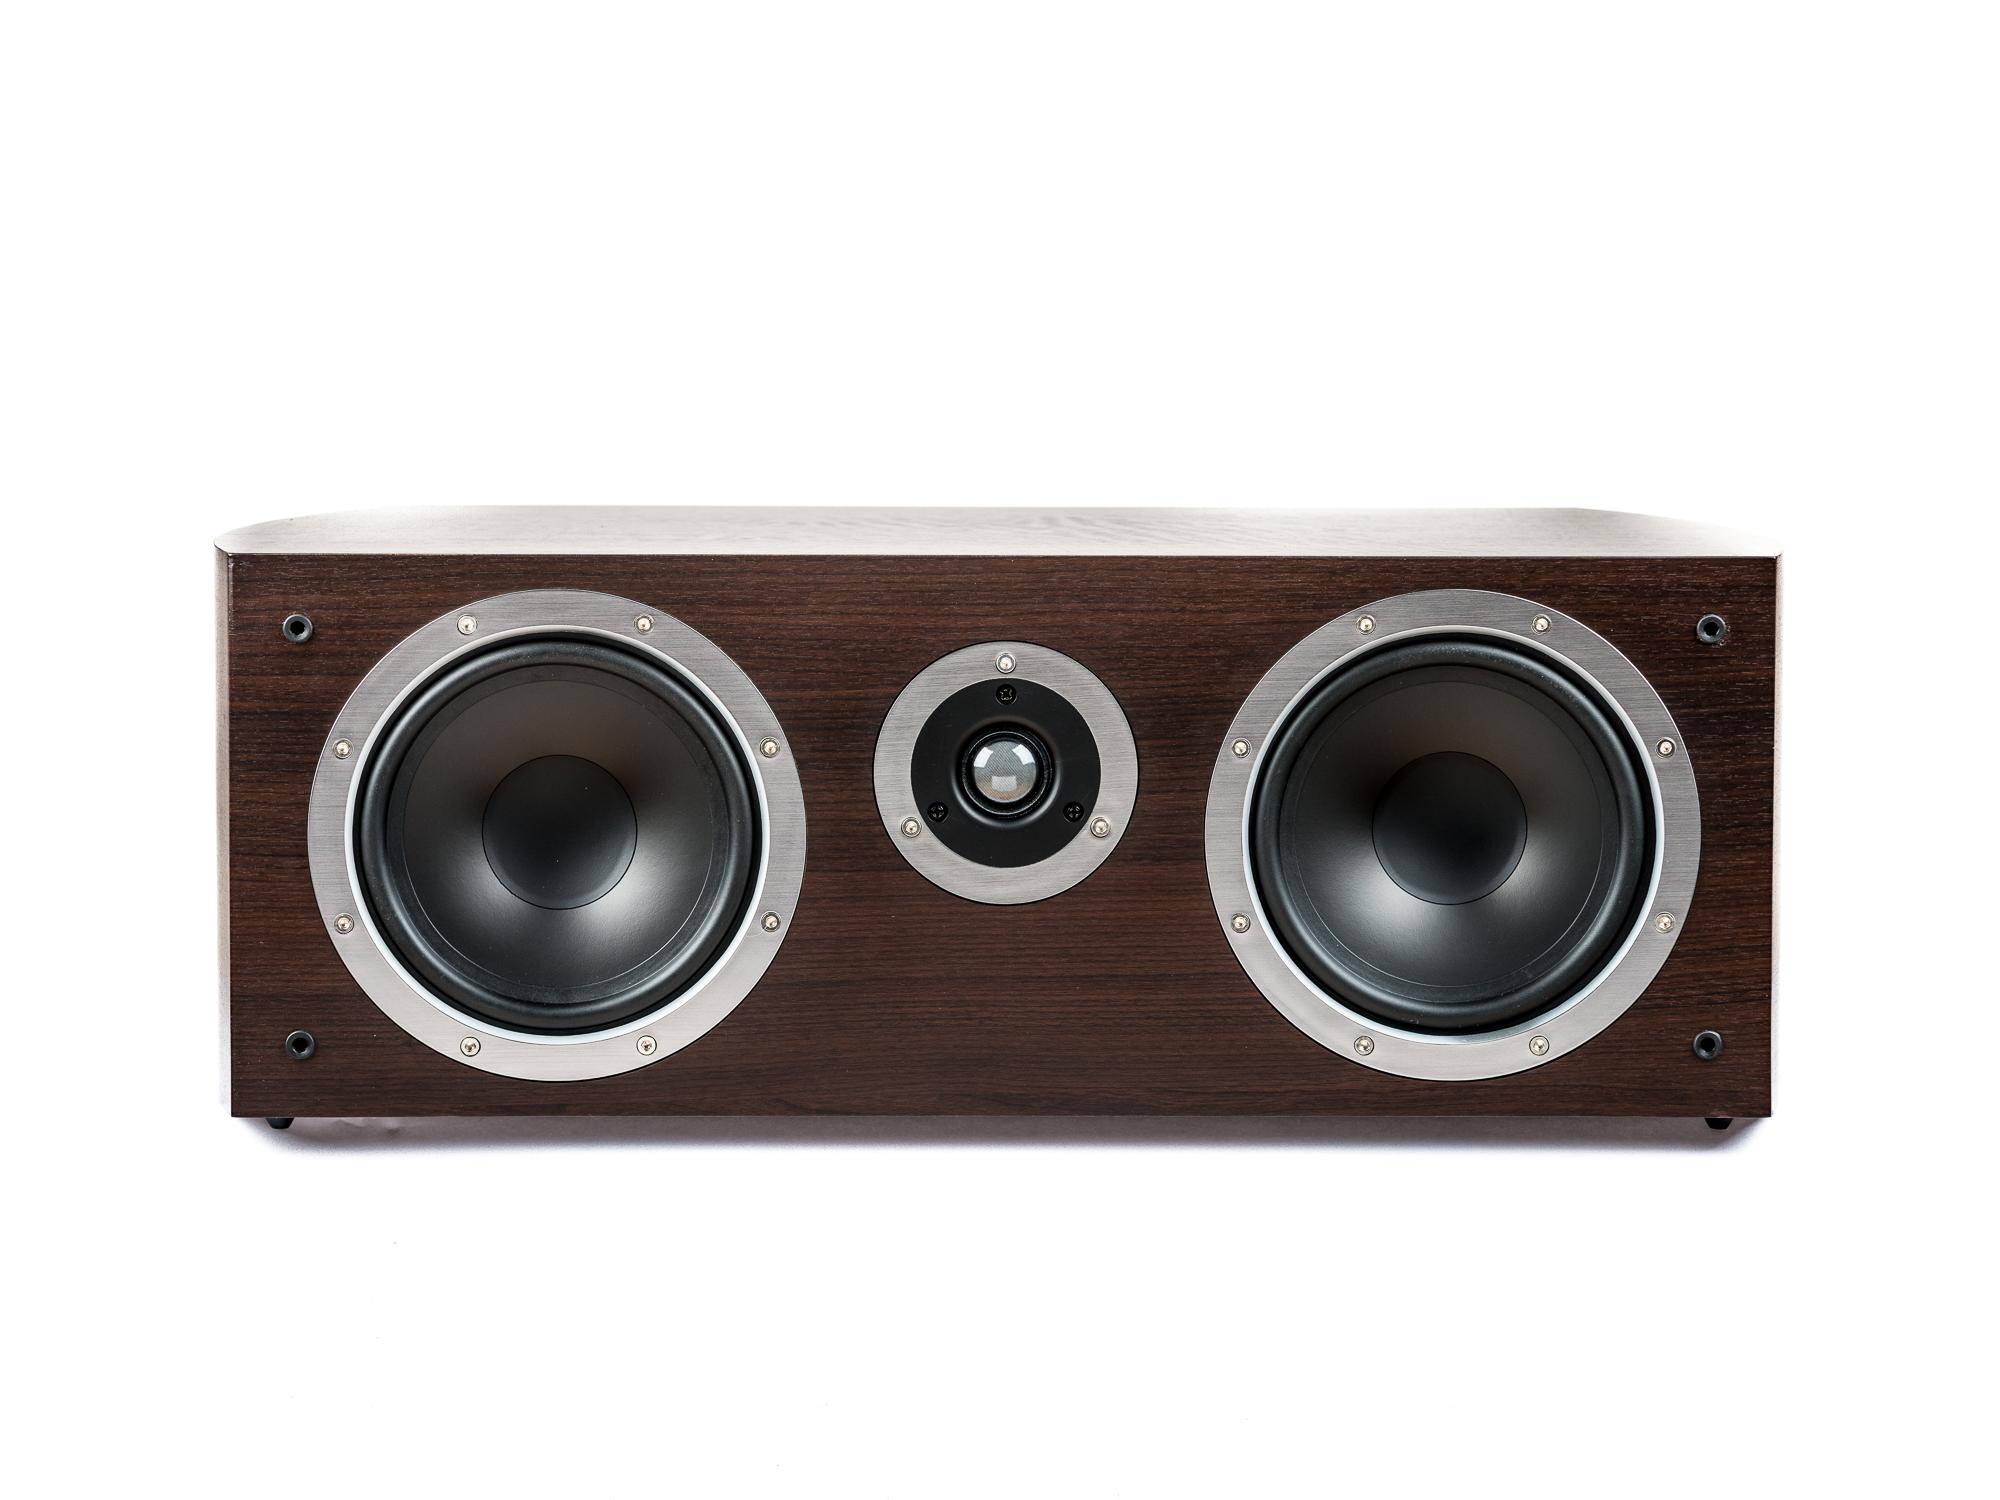 PG Audio universeller XL Center Lautsprecher ,2 Wege Bassreflex, mocca, Neu-Ware 001